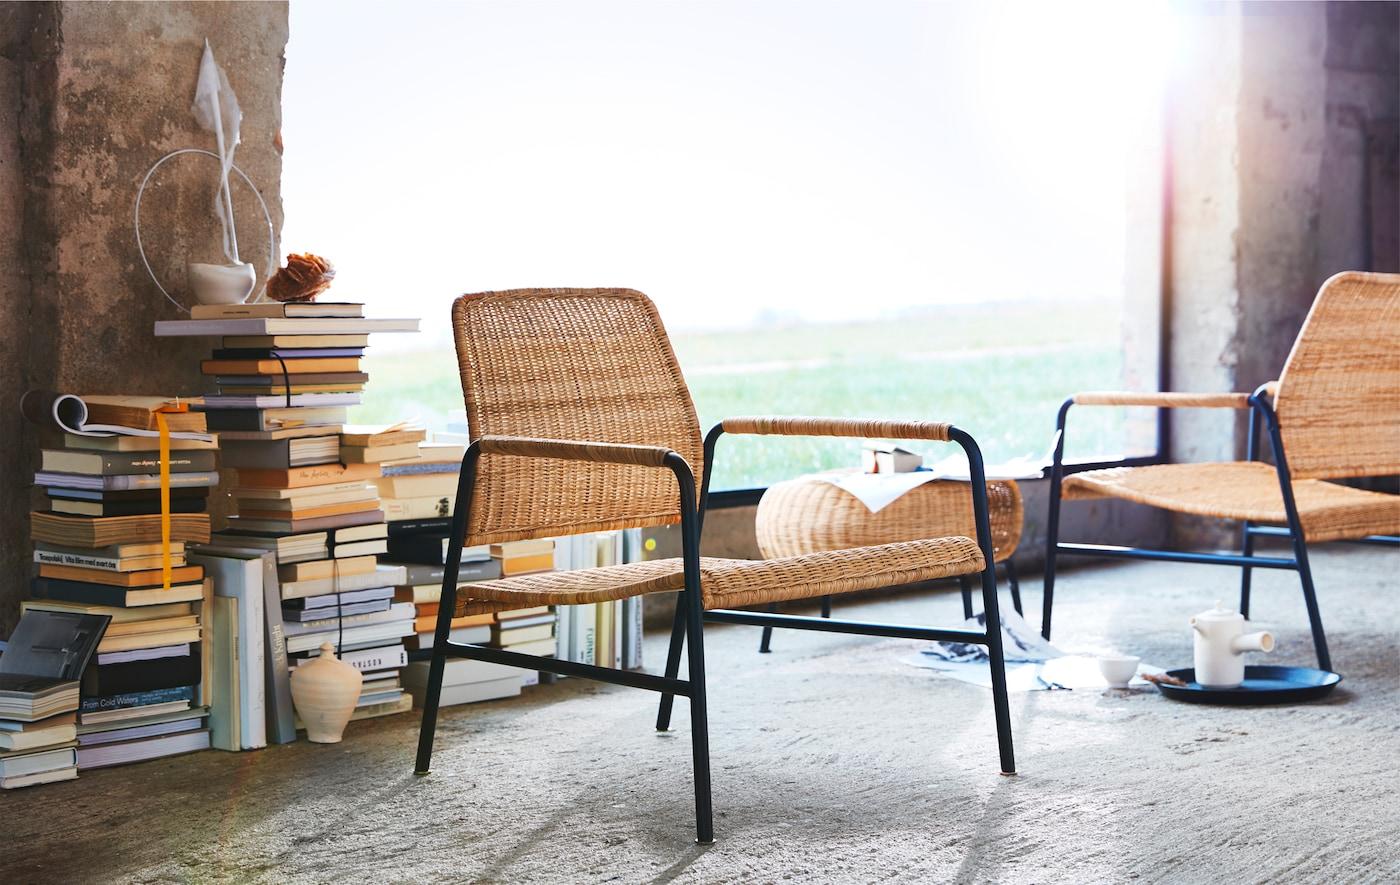 Sessel aus Rattan und Metall und ein Hocker vor einem Stapel Bücher und einem grossen Fenster